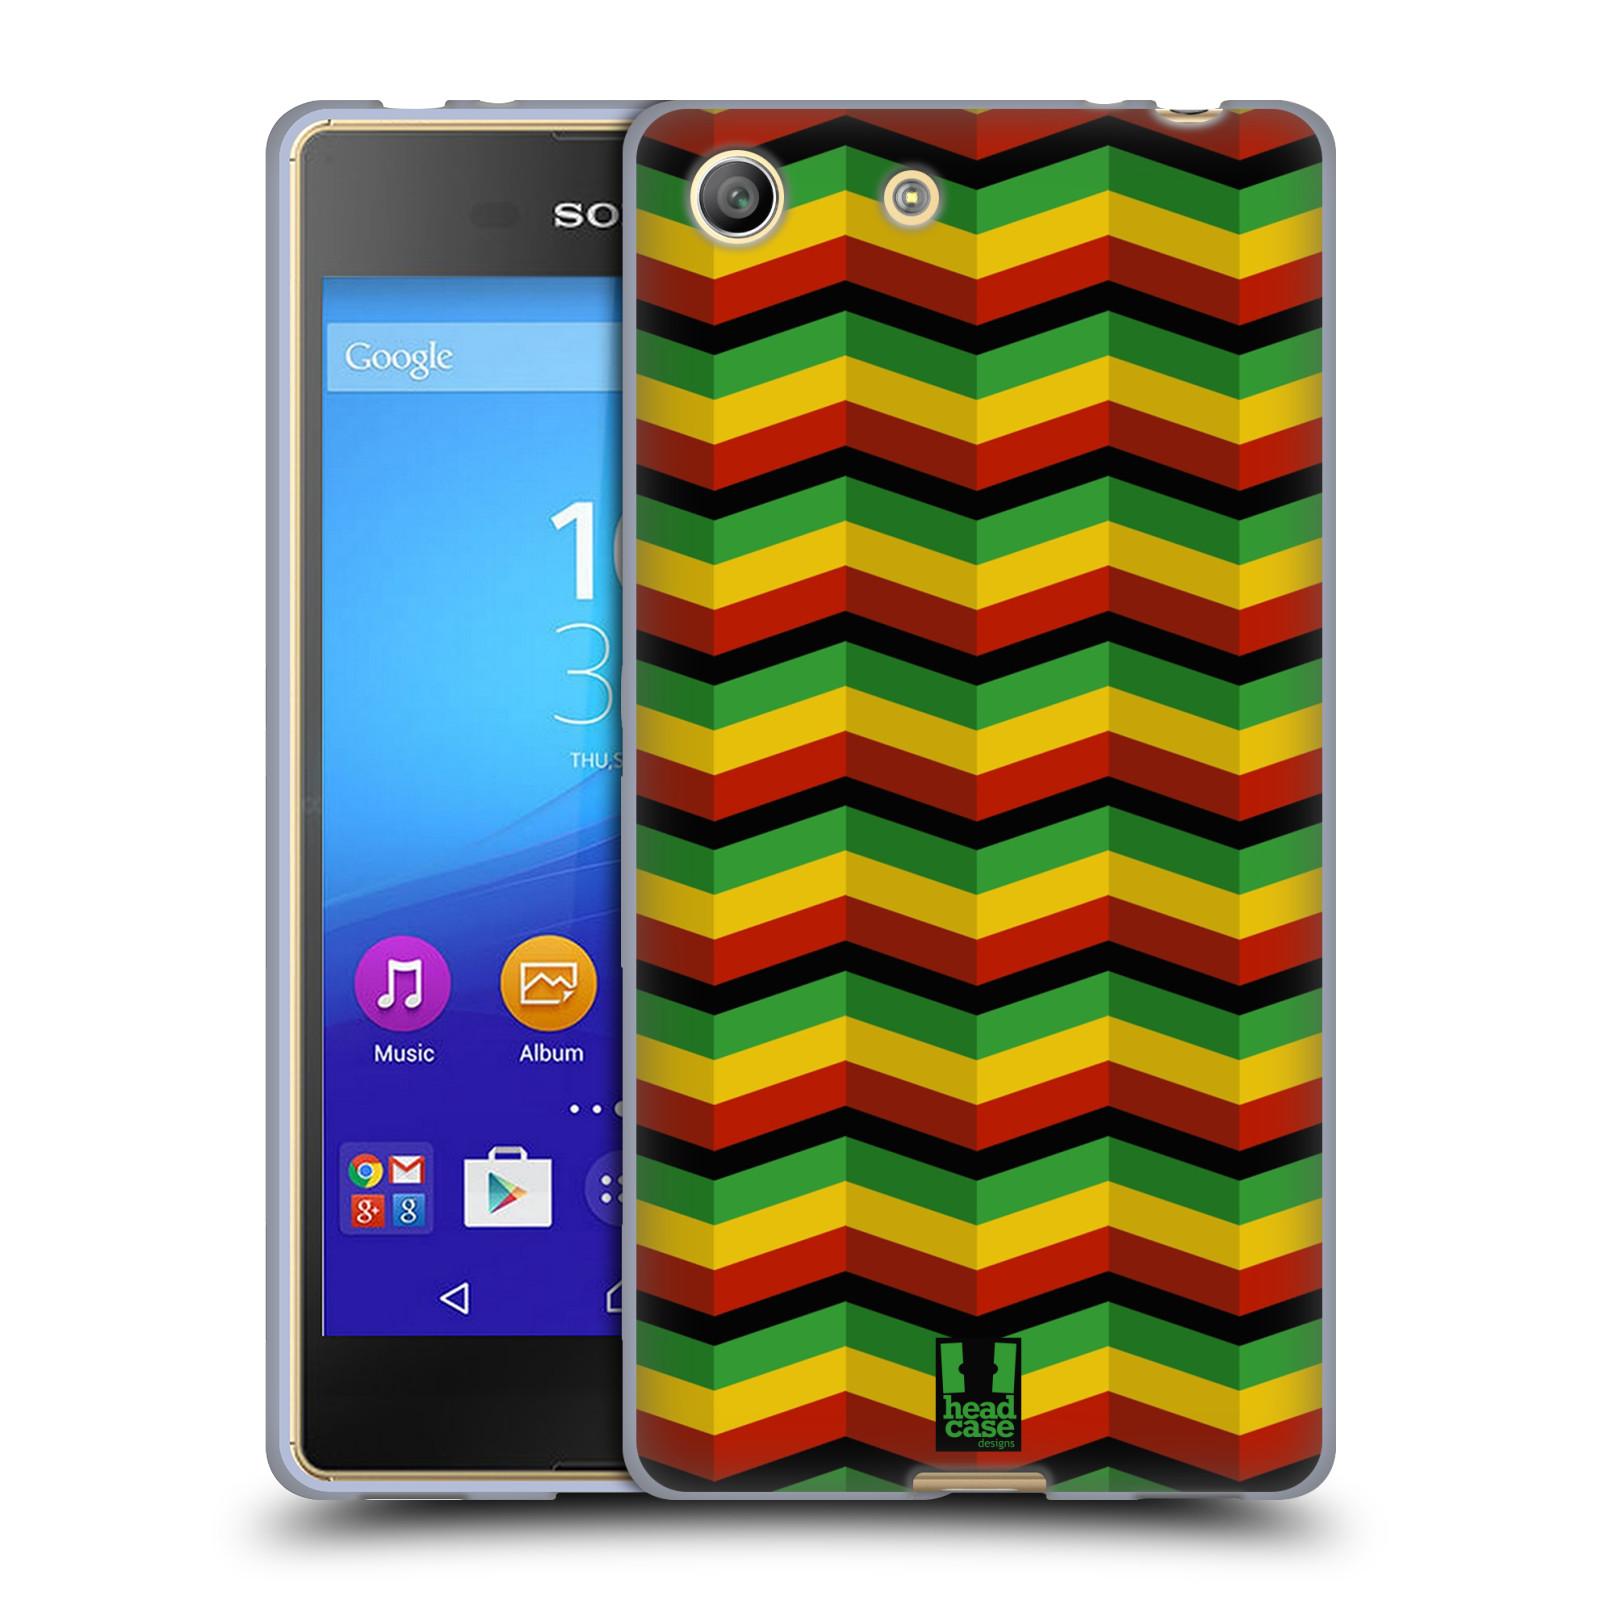 Silikonové pouzdro na mobil Sony Xperia M5 HEAD CASE RASTA CHEVRON (Silikonový kryt či obal na mobilní telefon Sony Xperia M5 Dual SIM / Aqua)